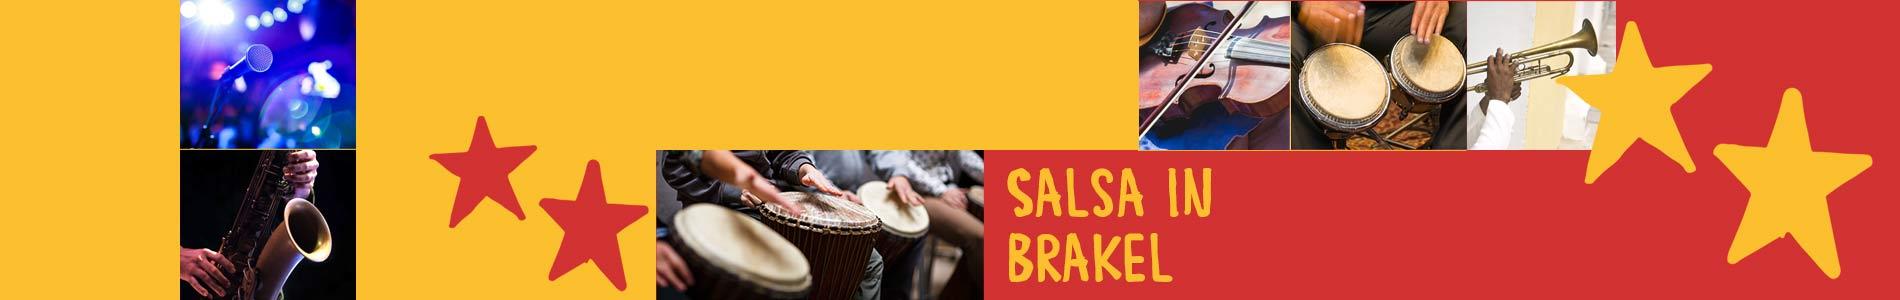 Salsa in Brakel – Salsa lernen und tanzen, Tanzkurse, Partys, Veranstaltungen